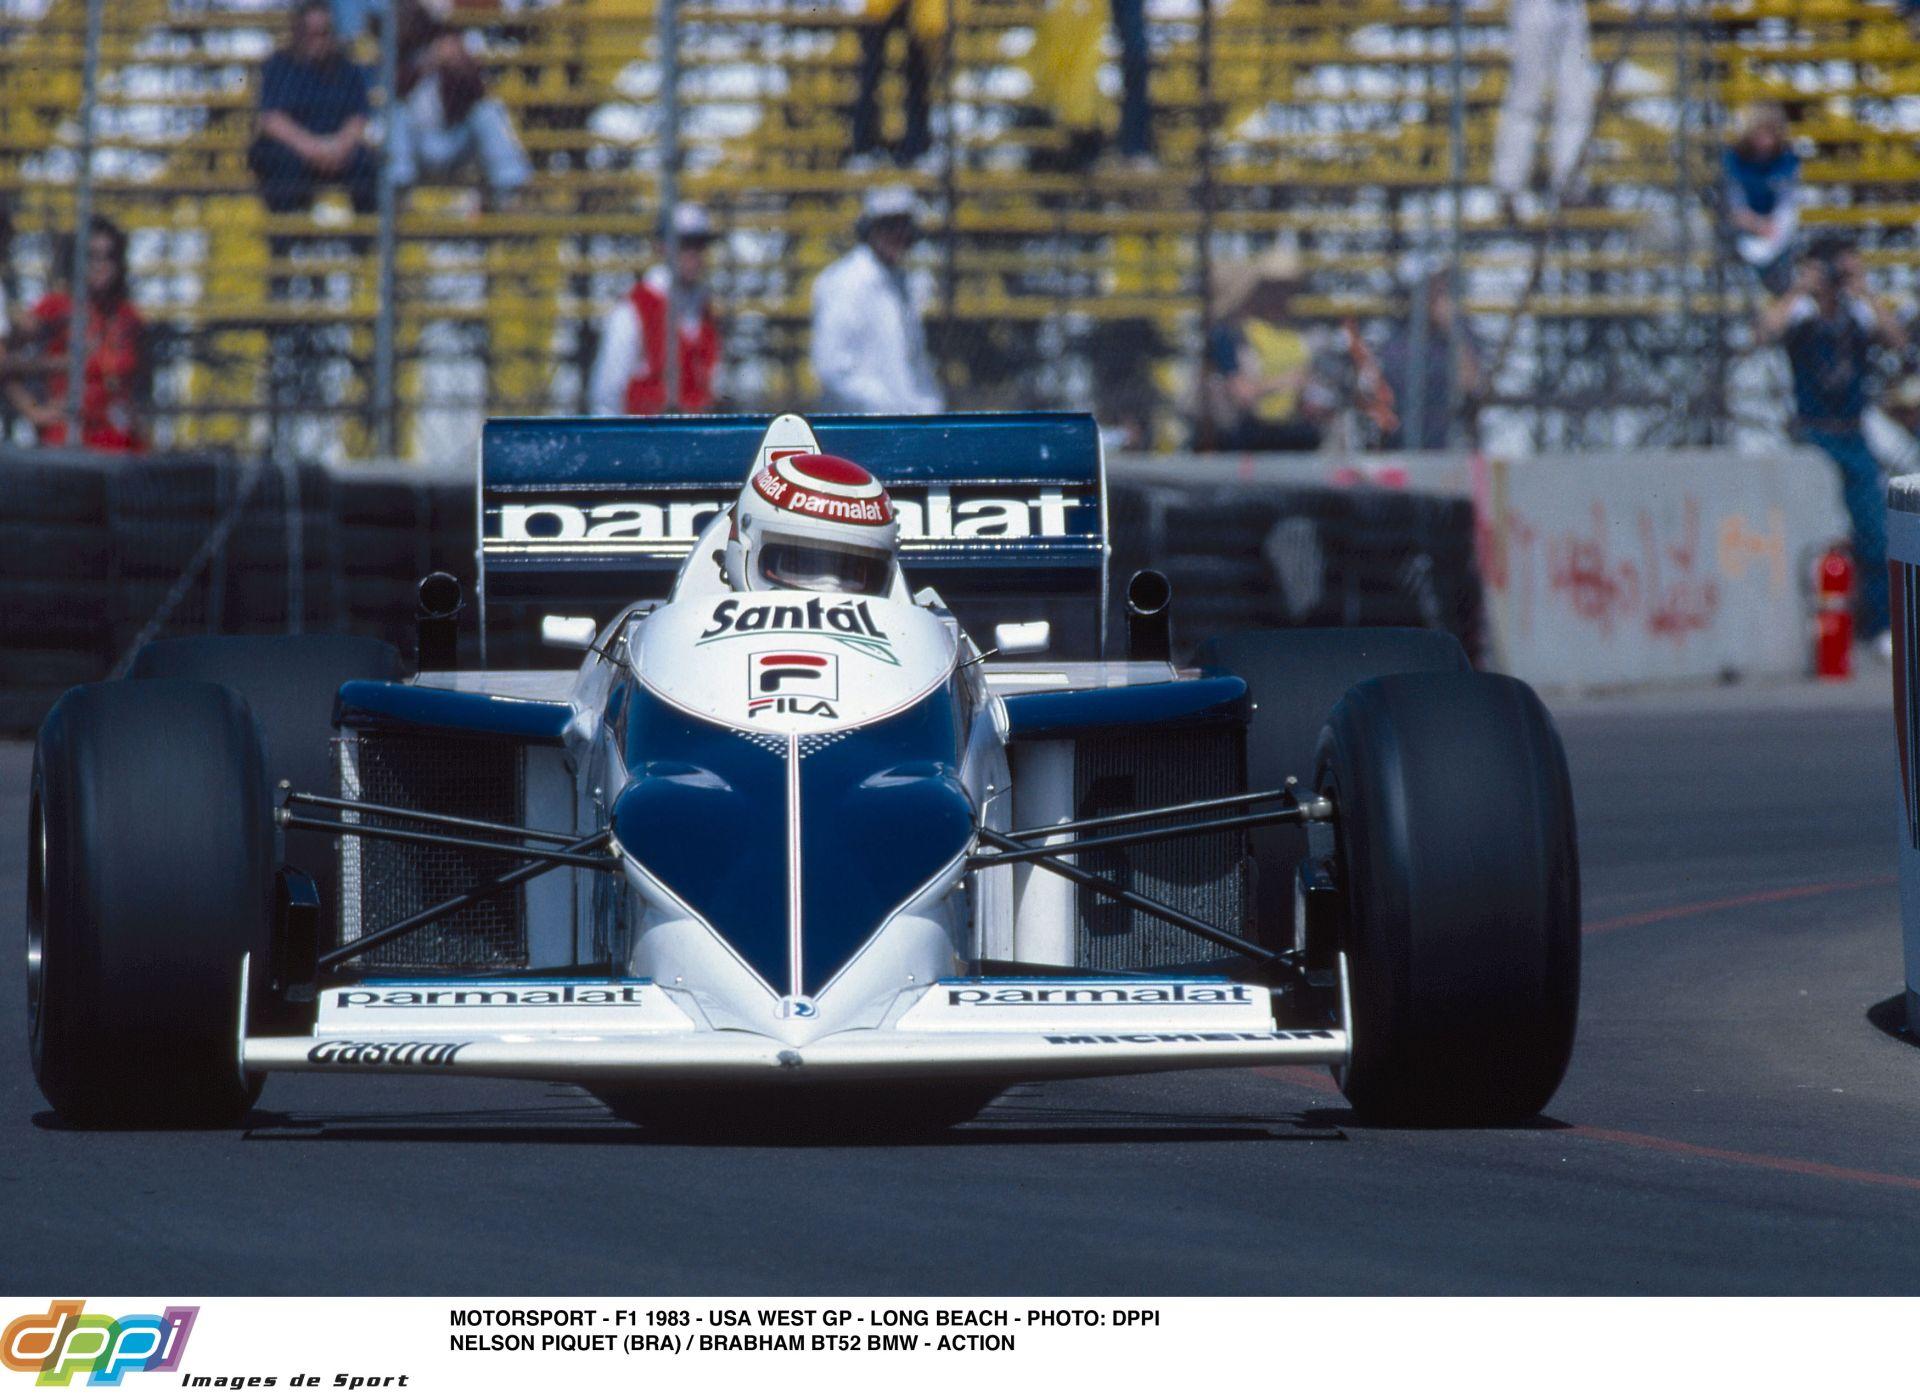 Piquet és Arnoux csatája az 1983-as Amerikai Nagydíjról